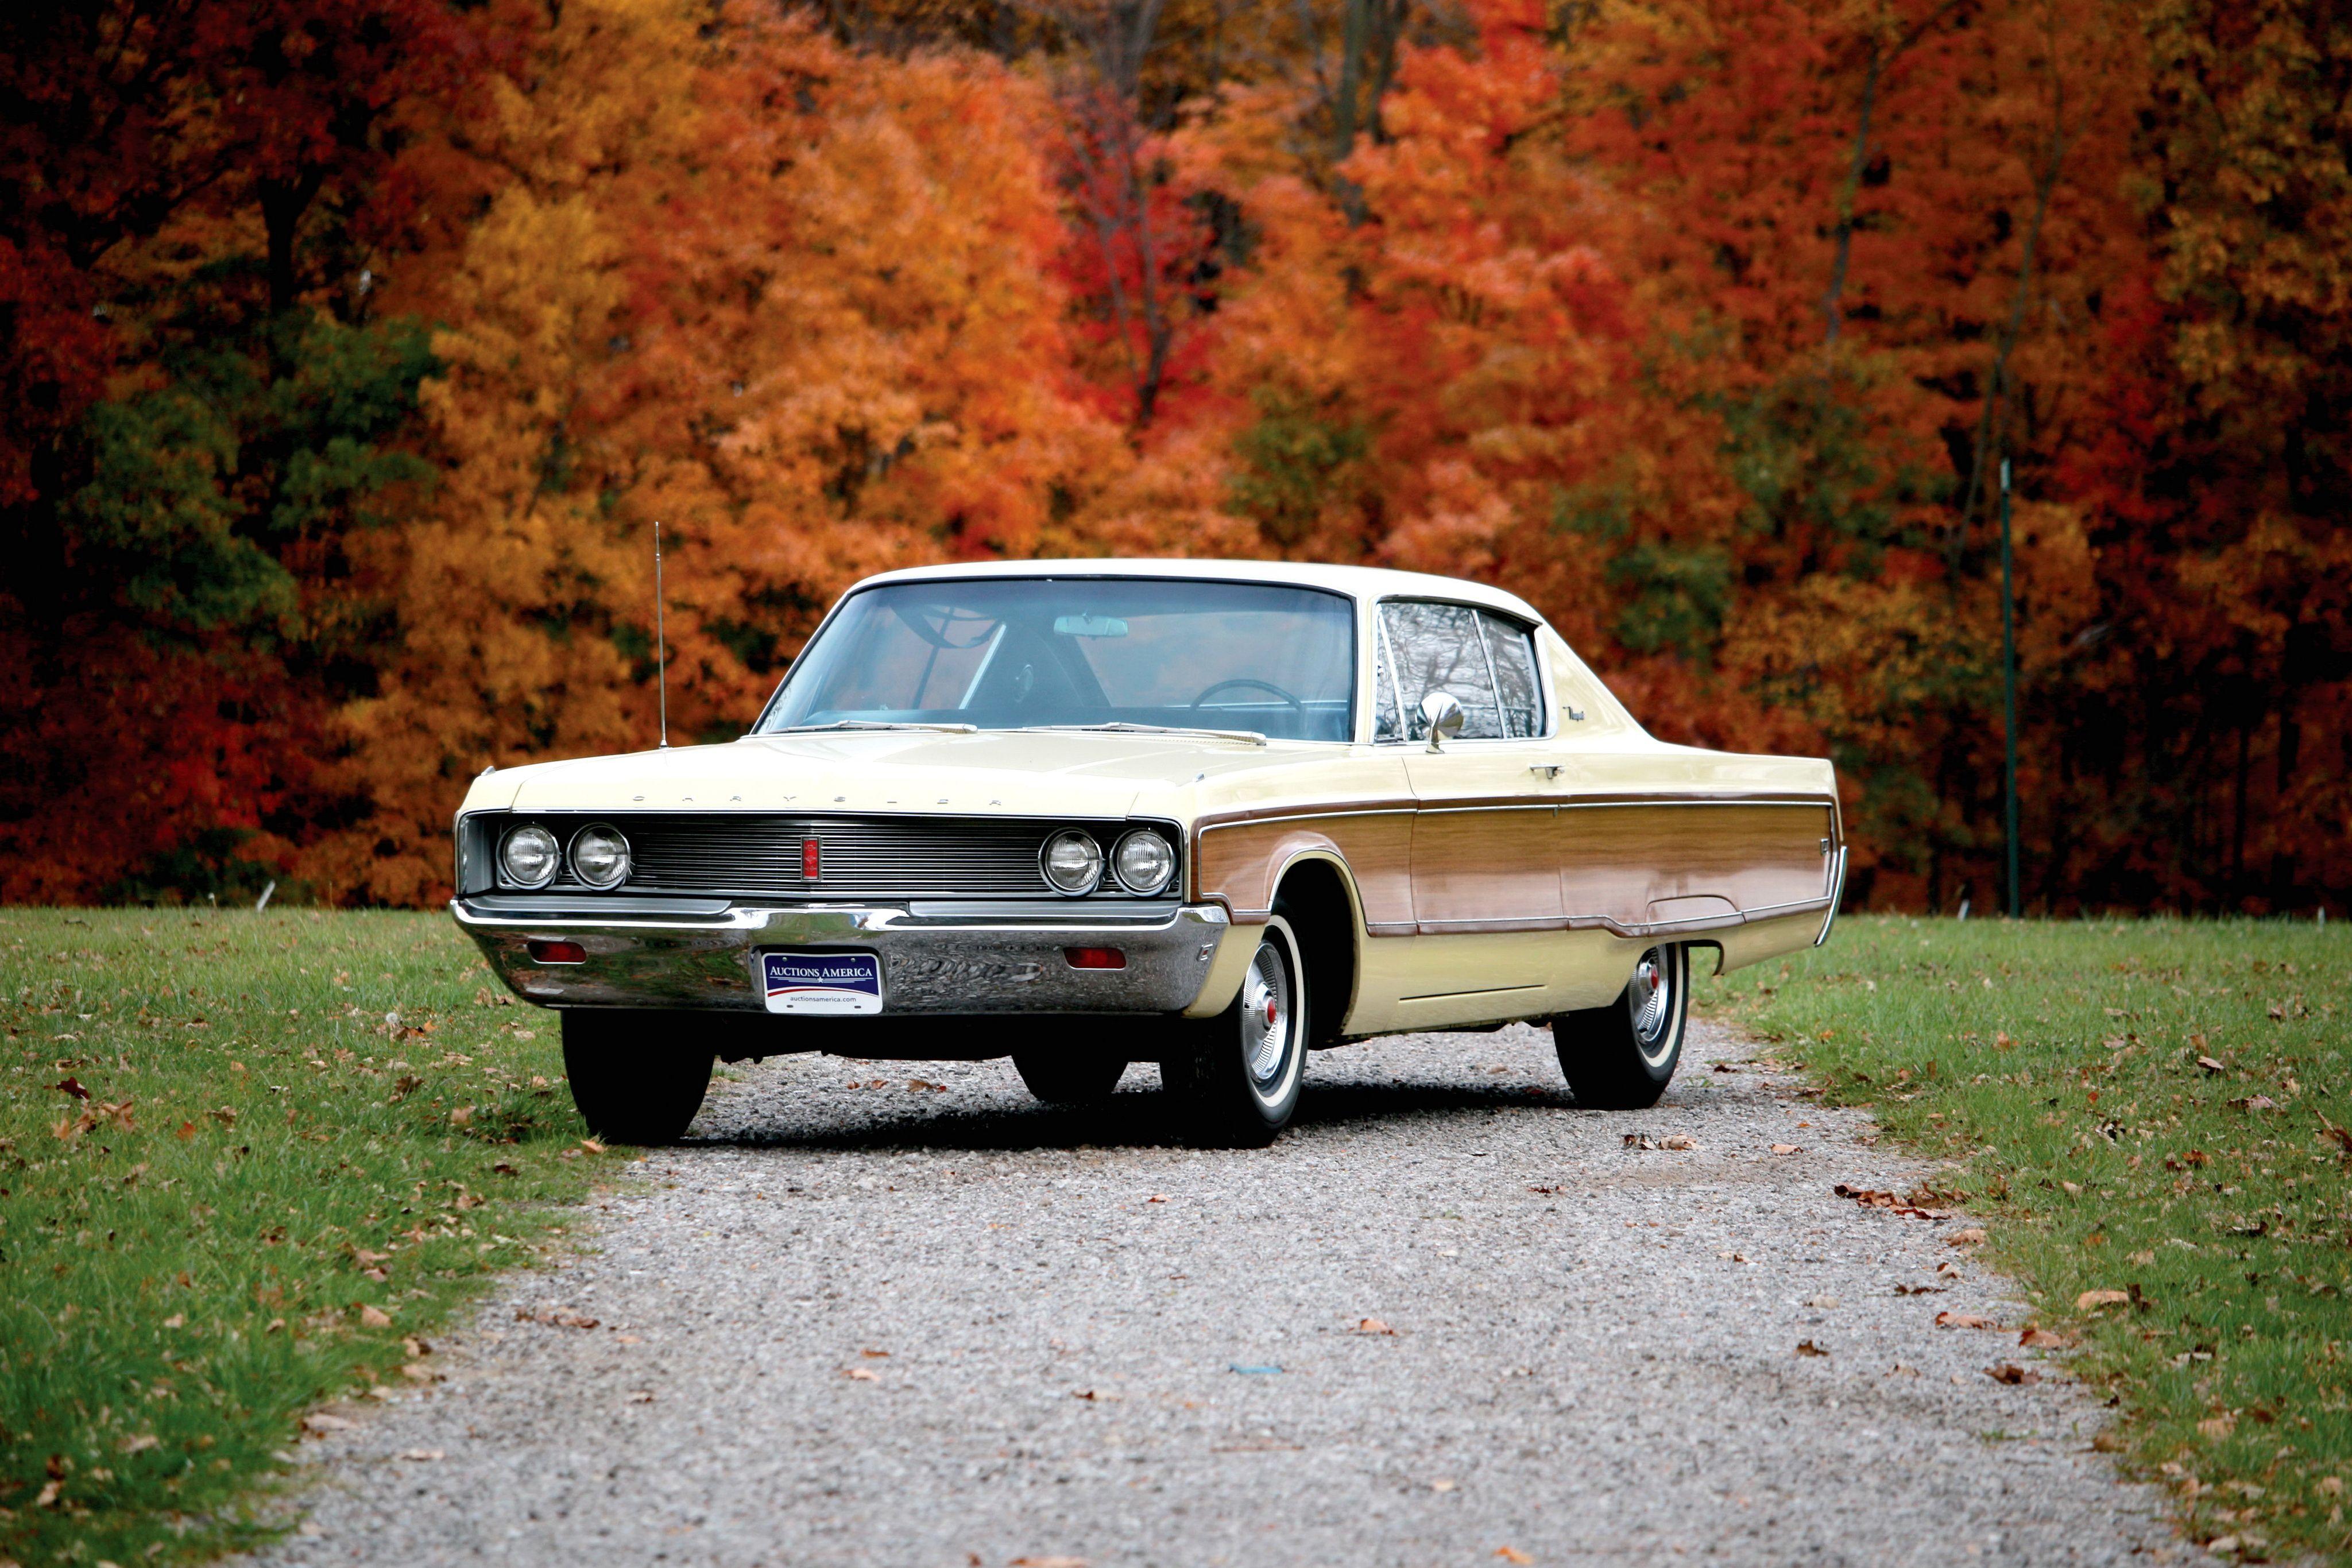 1968 Chrysler Newport 2 Door Hardtop Chrysler Newport Chrysler Cars Chrysler